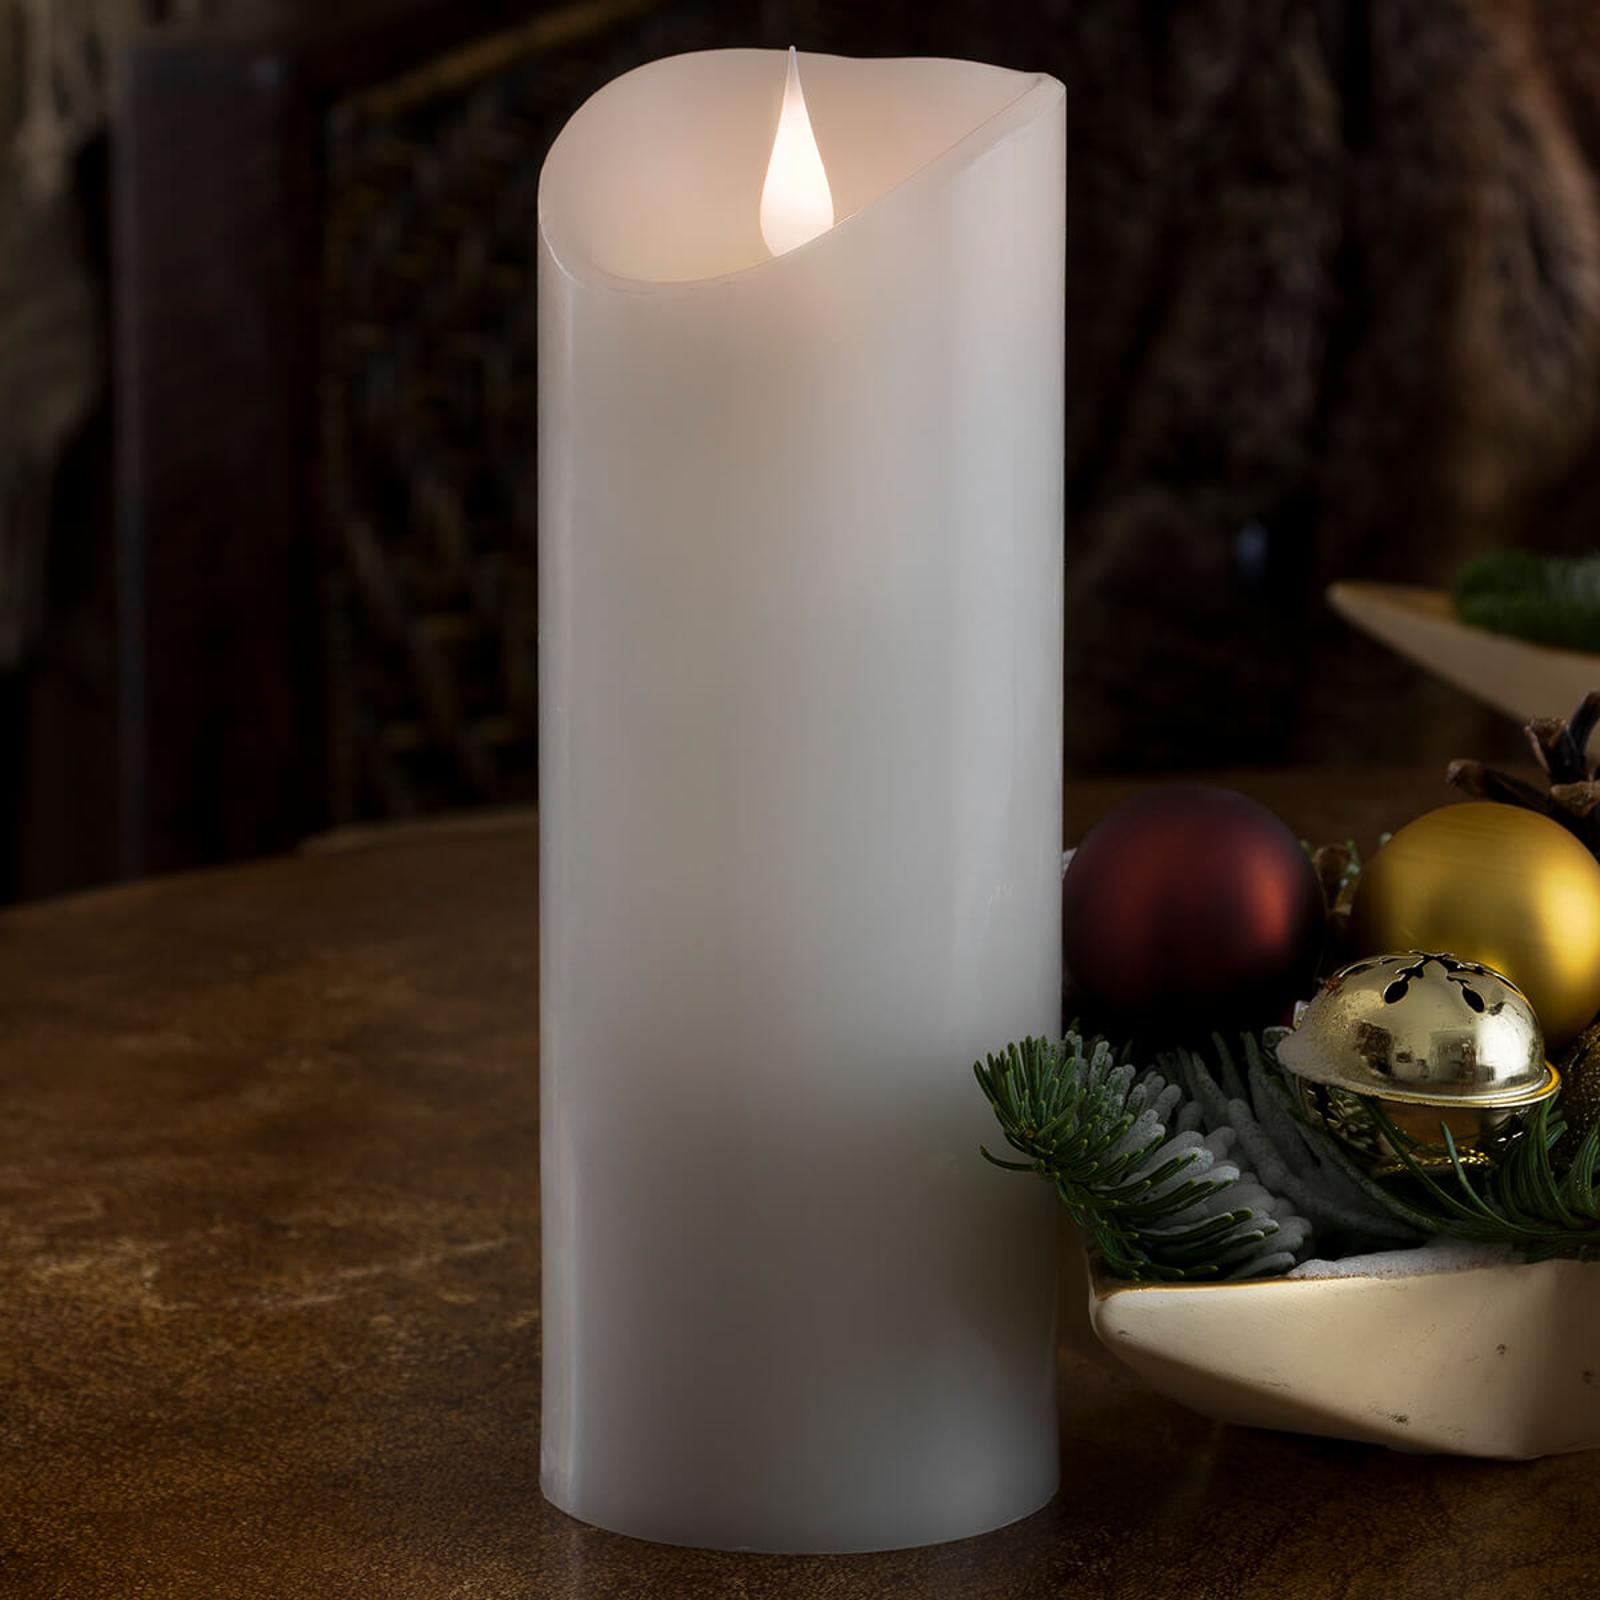 Świeca LED Prawdziwy wosk, z płomieniem 3D